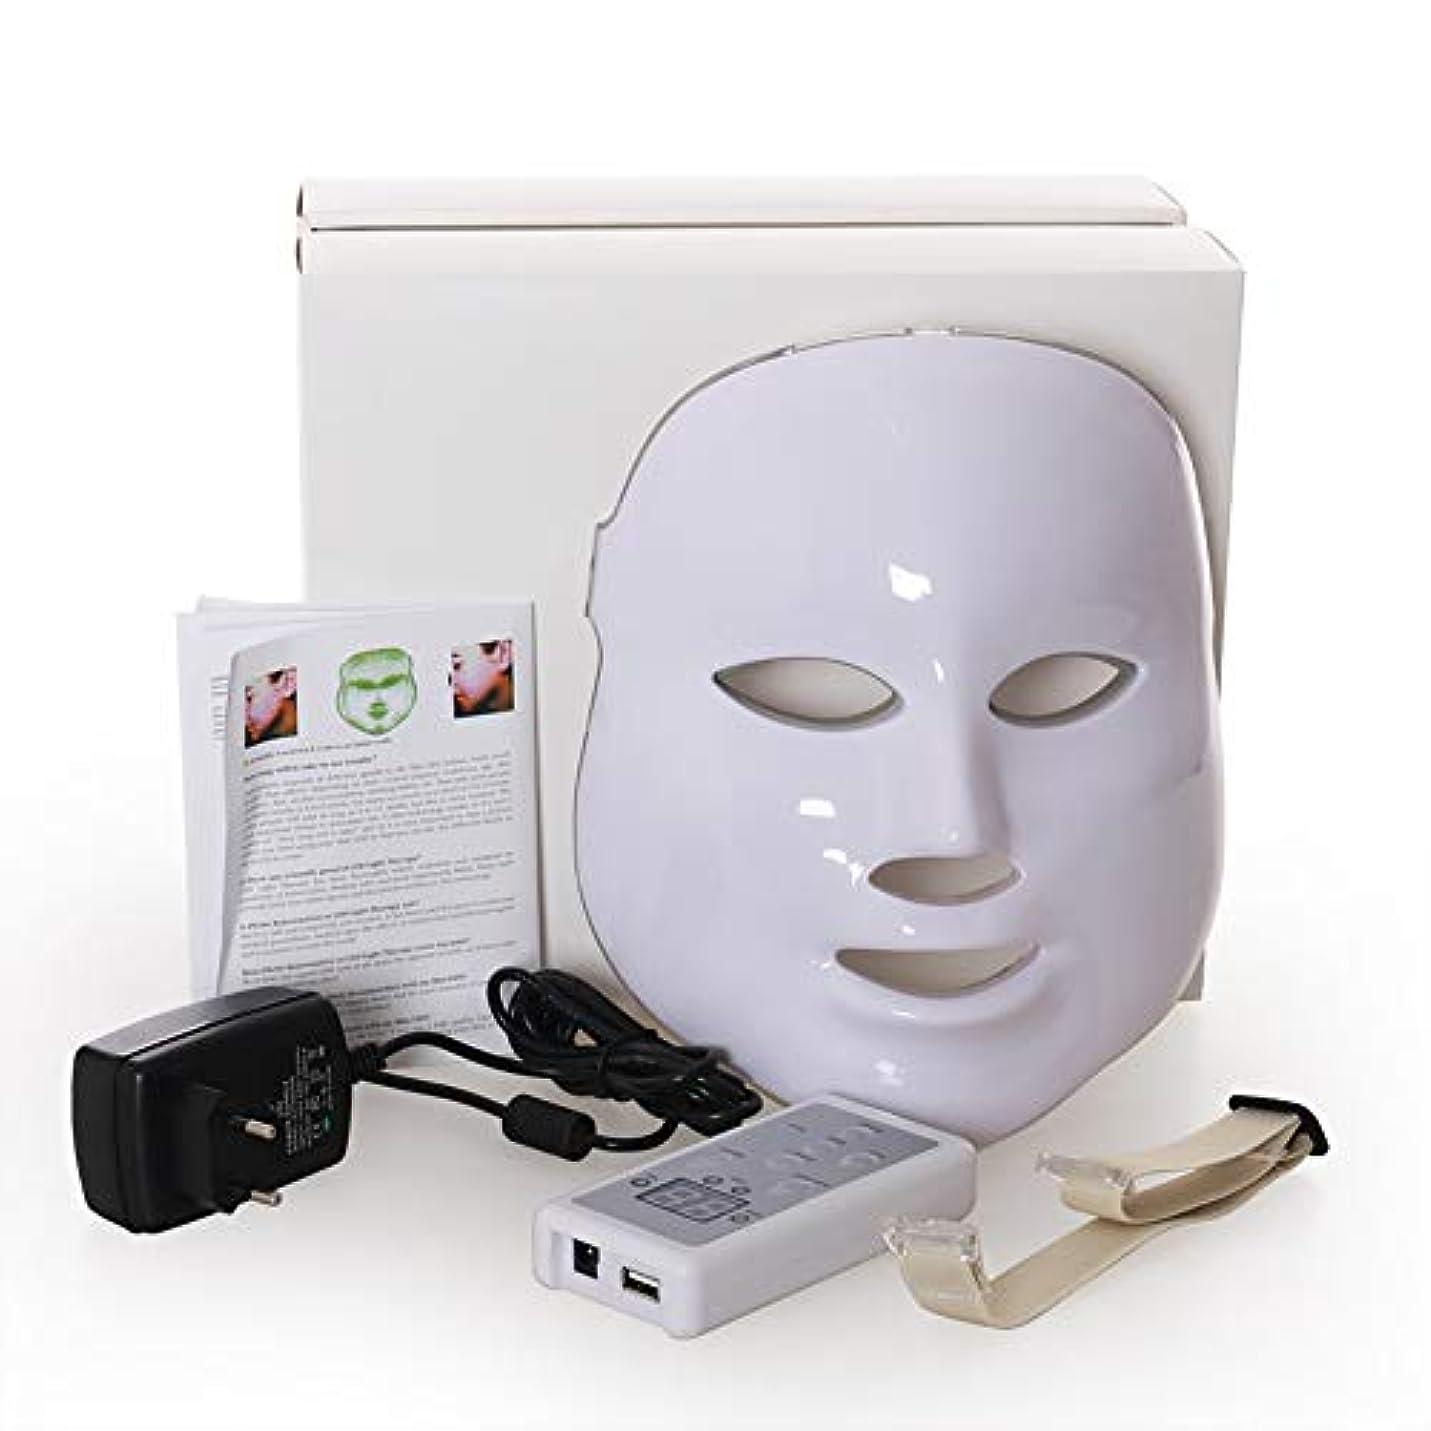 フォーマット確認してください明日Led のマスク、7色はしわ、にきび及び健康な皮の若返りのコラーゲン、反老化の美のマスクのための軽い療法の顔のスキンケアのマスクを導きました